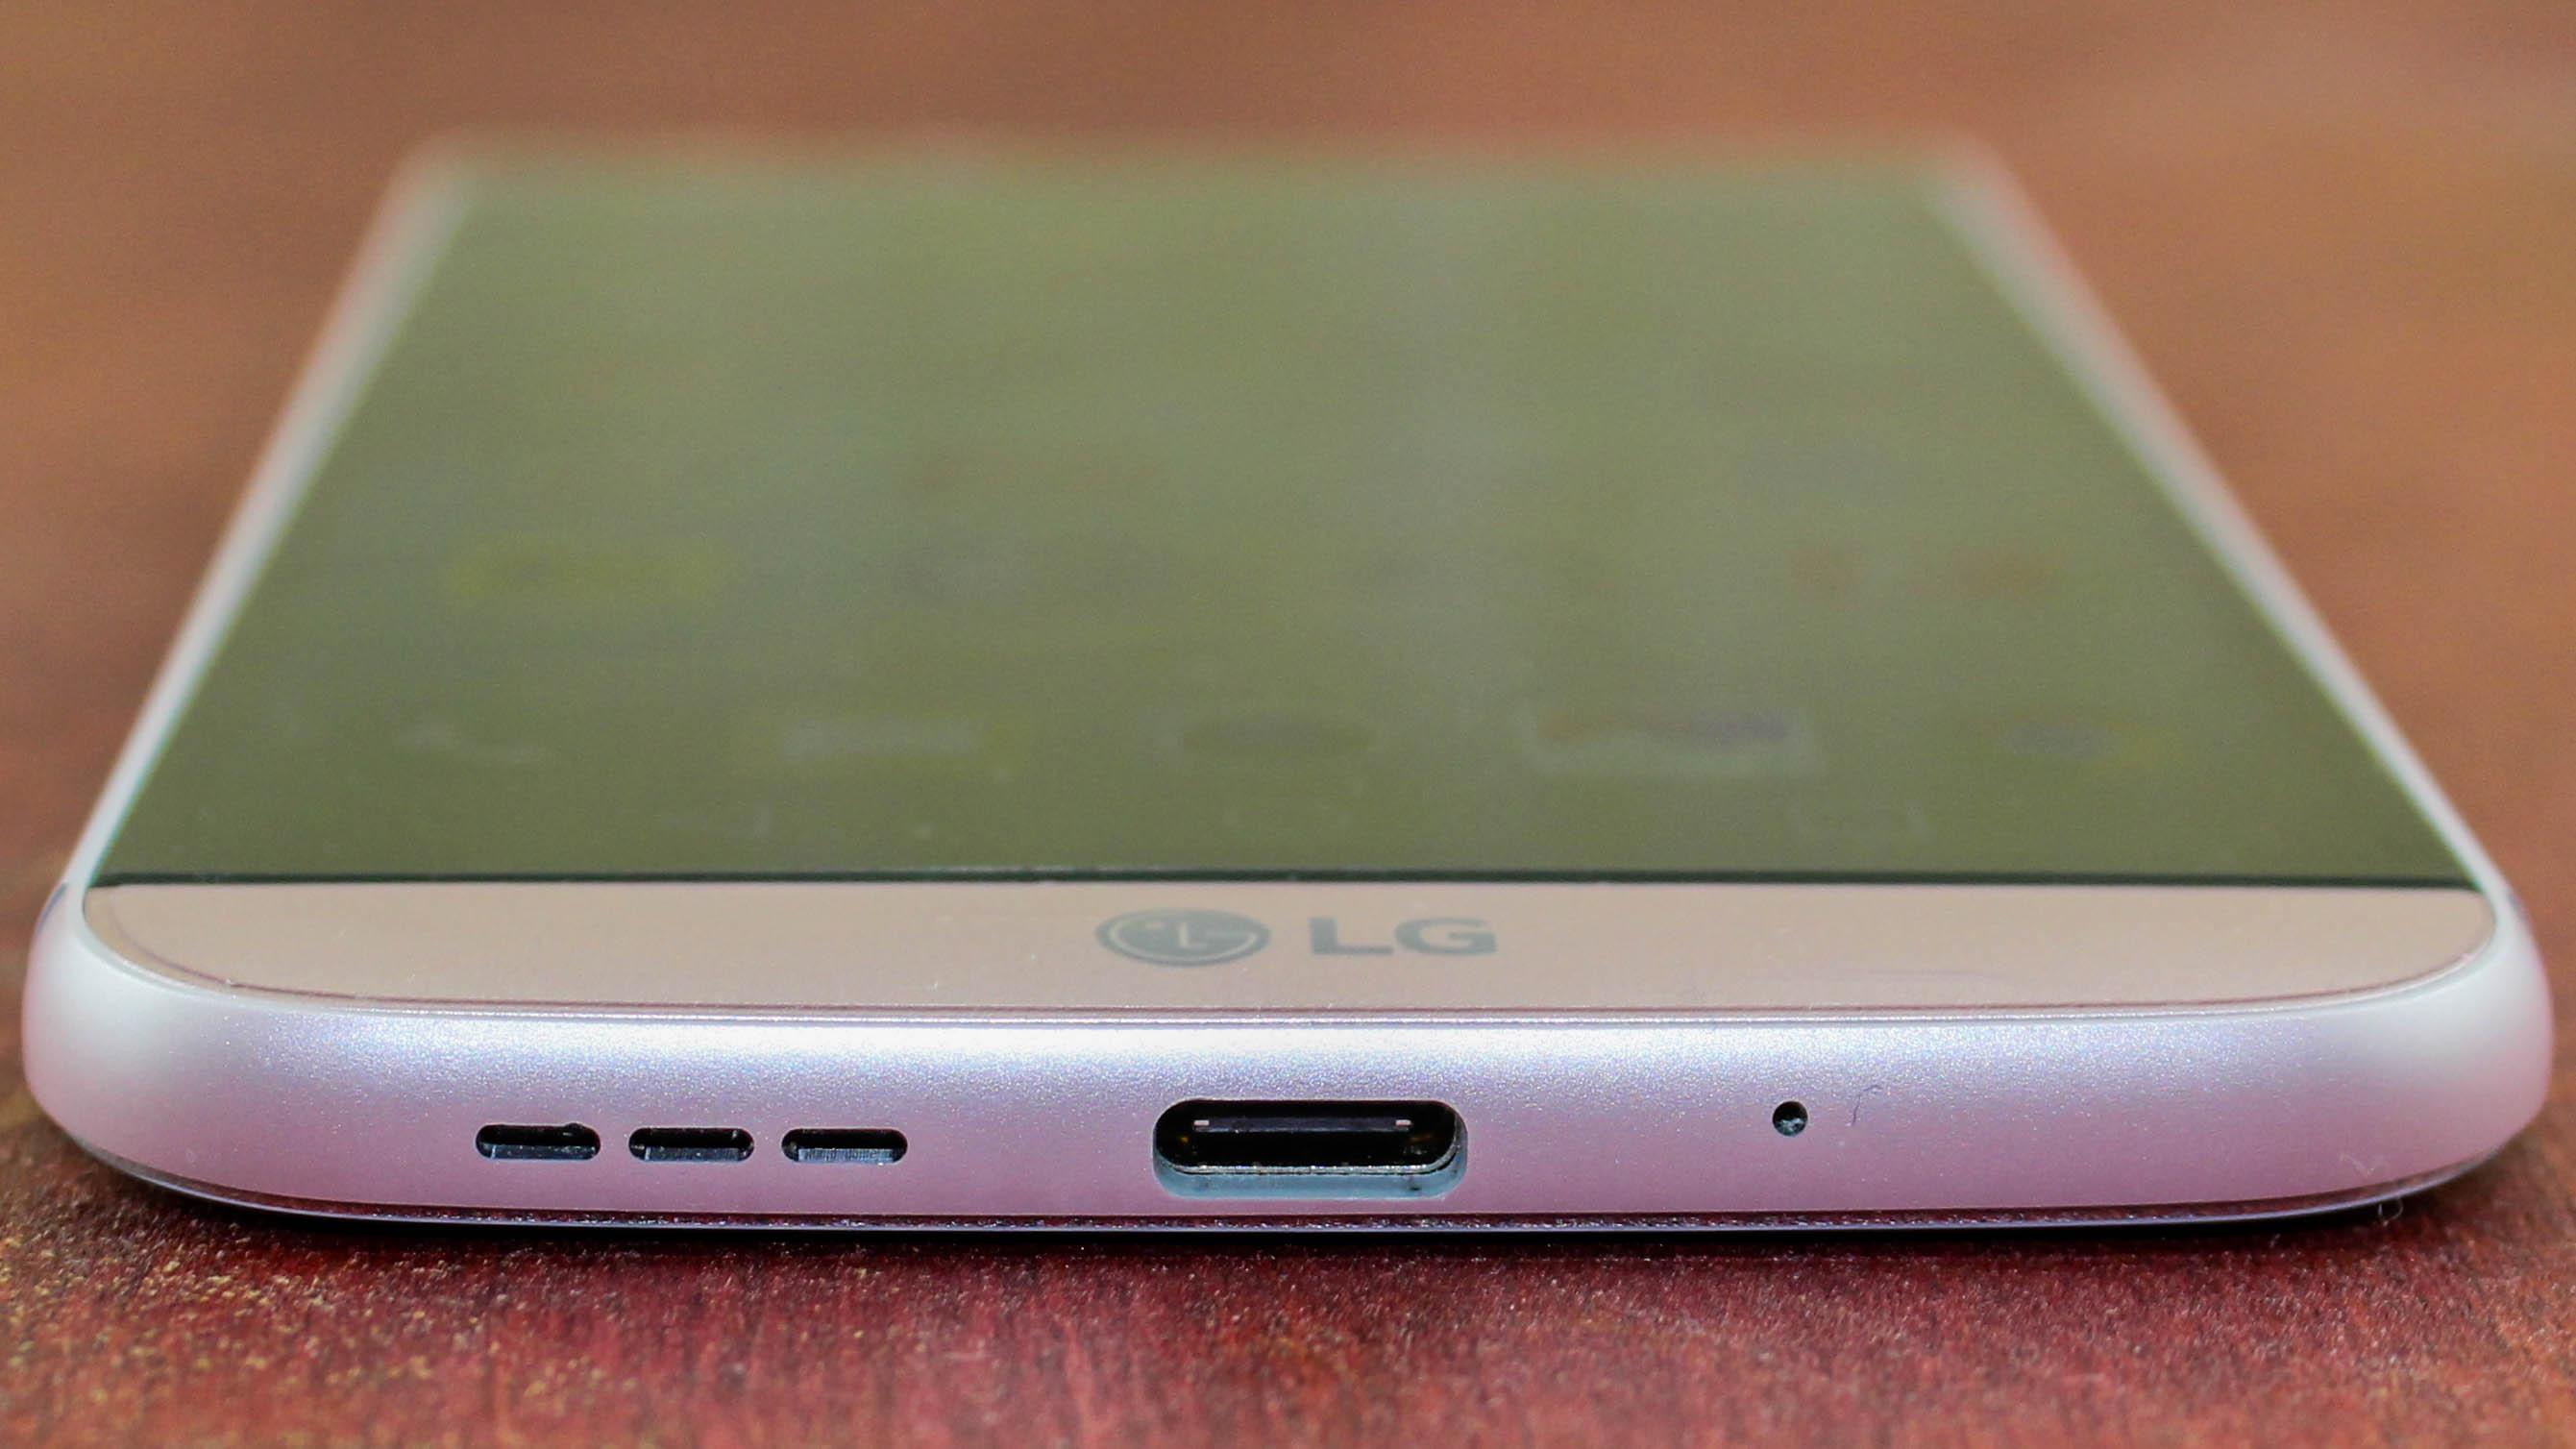 Quanto tempo occorre per caricare la batteria di un nuovo telefono cellulare? 2